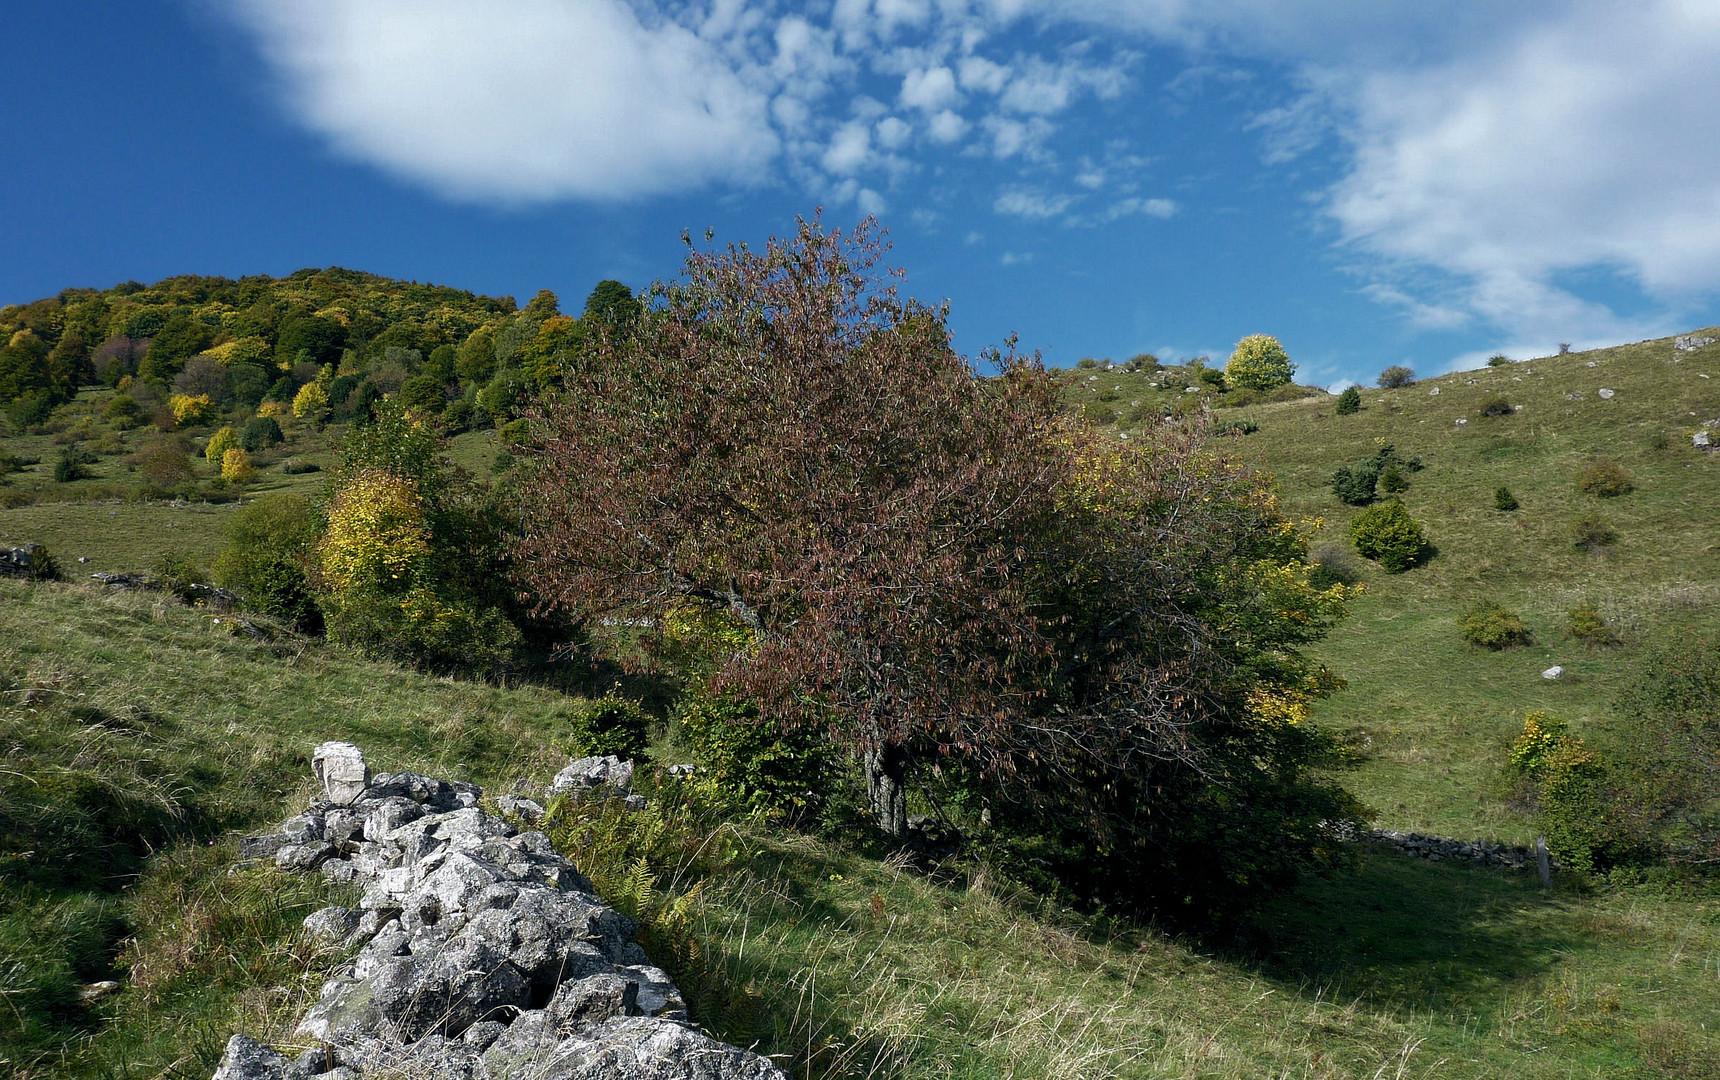 l'automne a rendez vous avec la montagne!